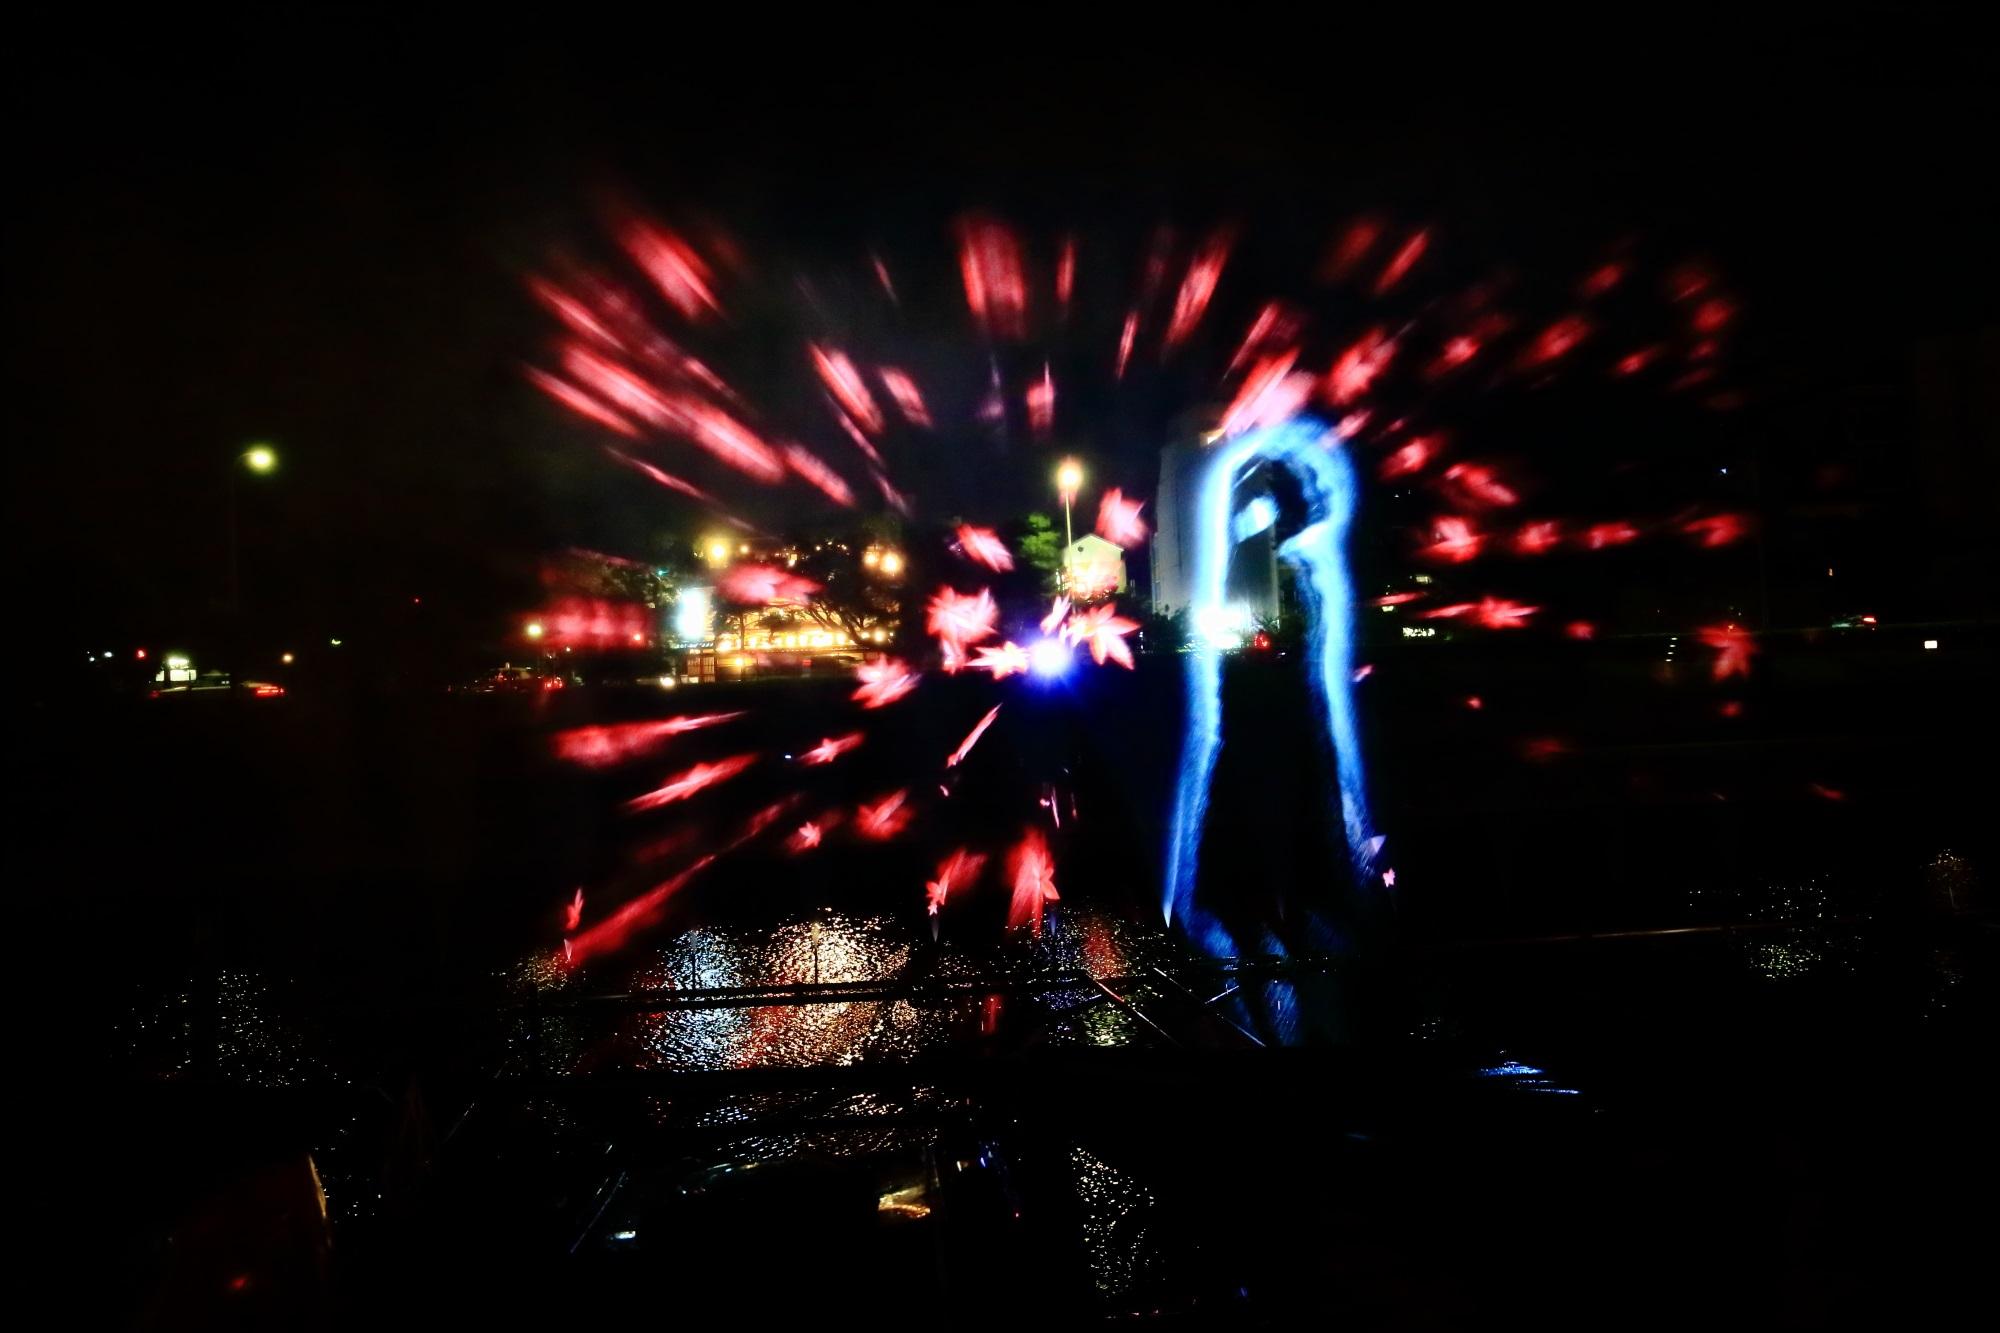 京の七夕鴨川会場の幻想的なウォーターアートプロジェクション